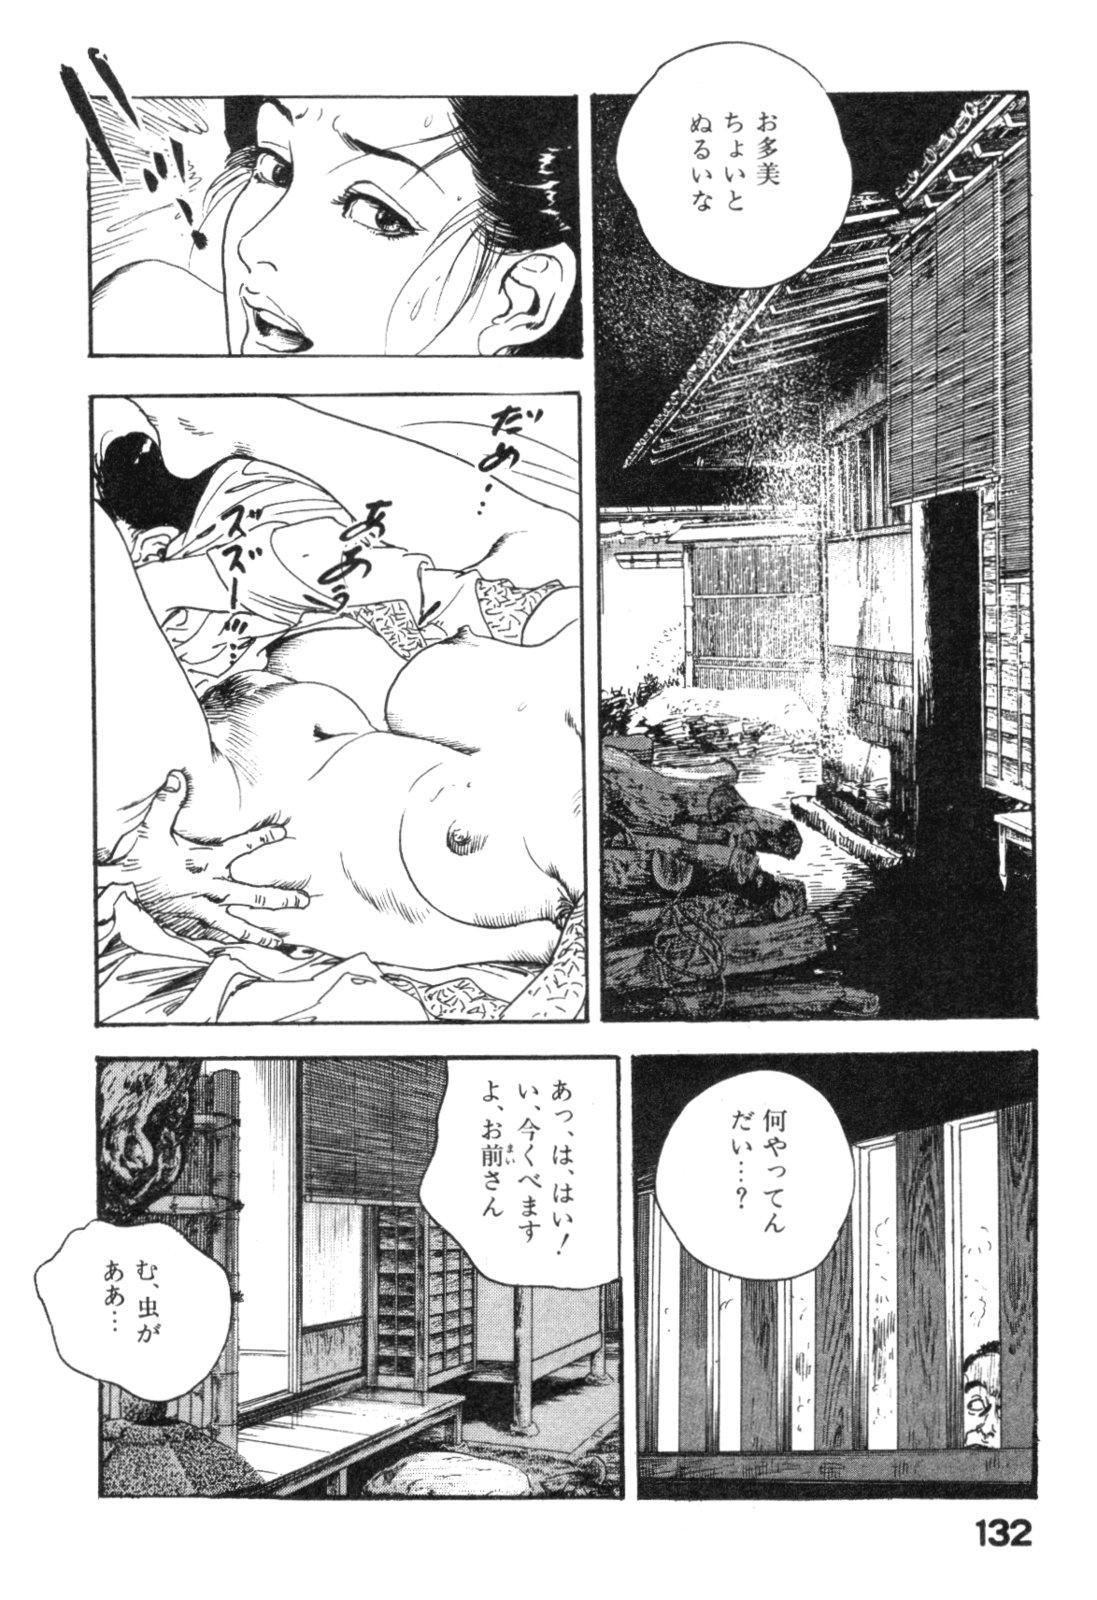 Jidaigeki Series 2 ~ Midare Kannon 134